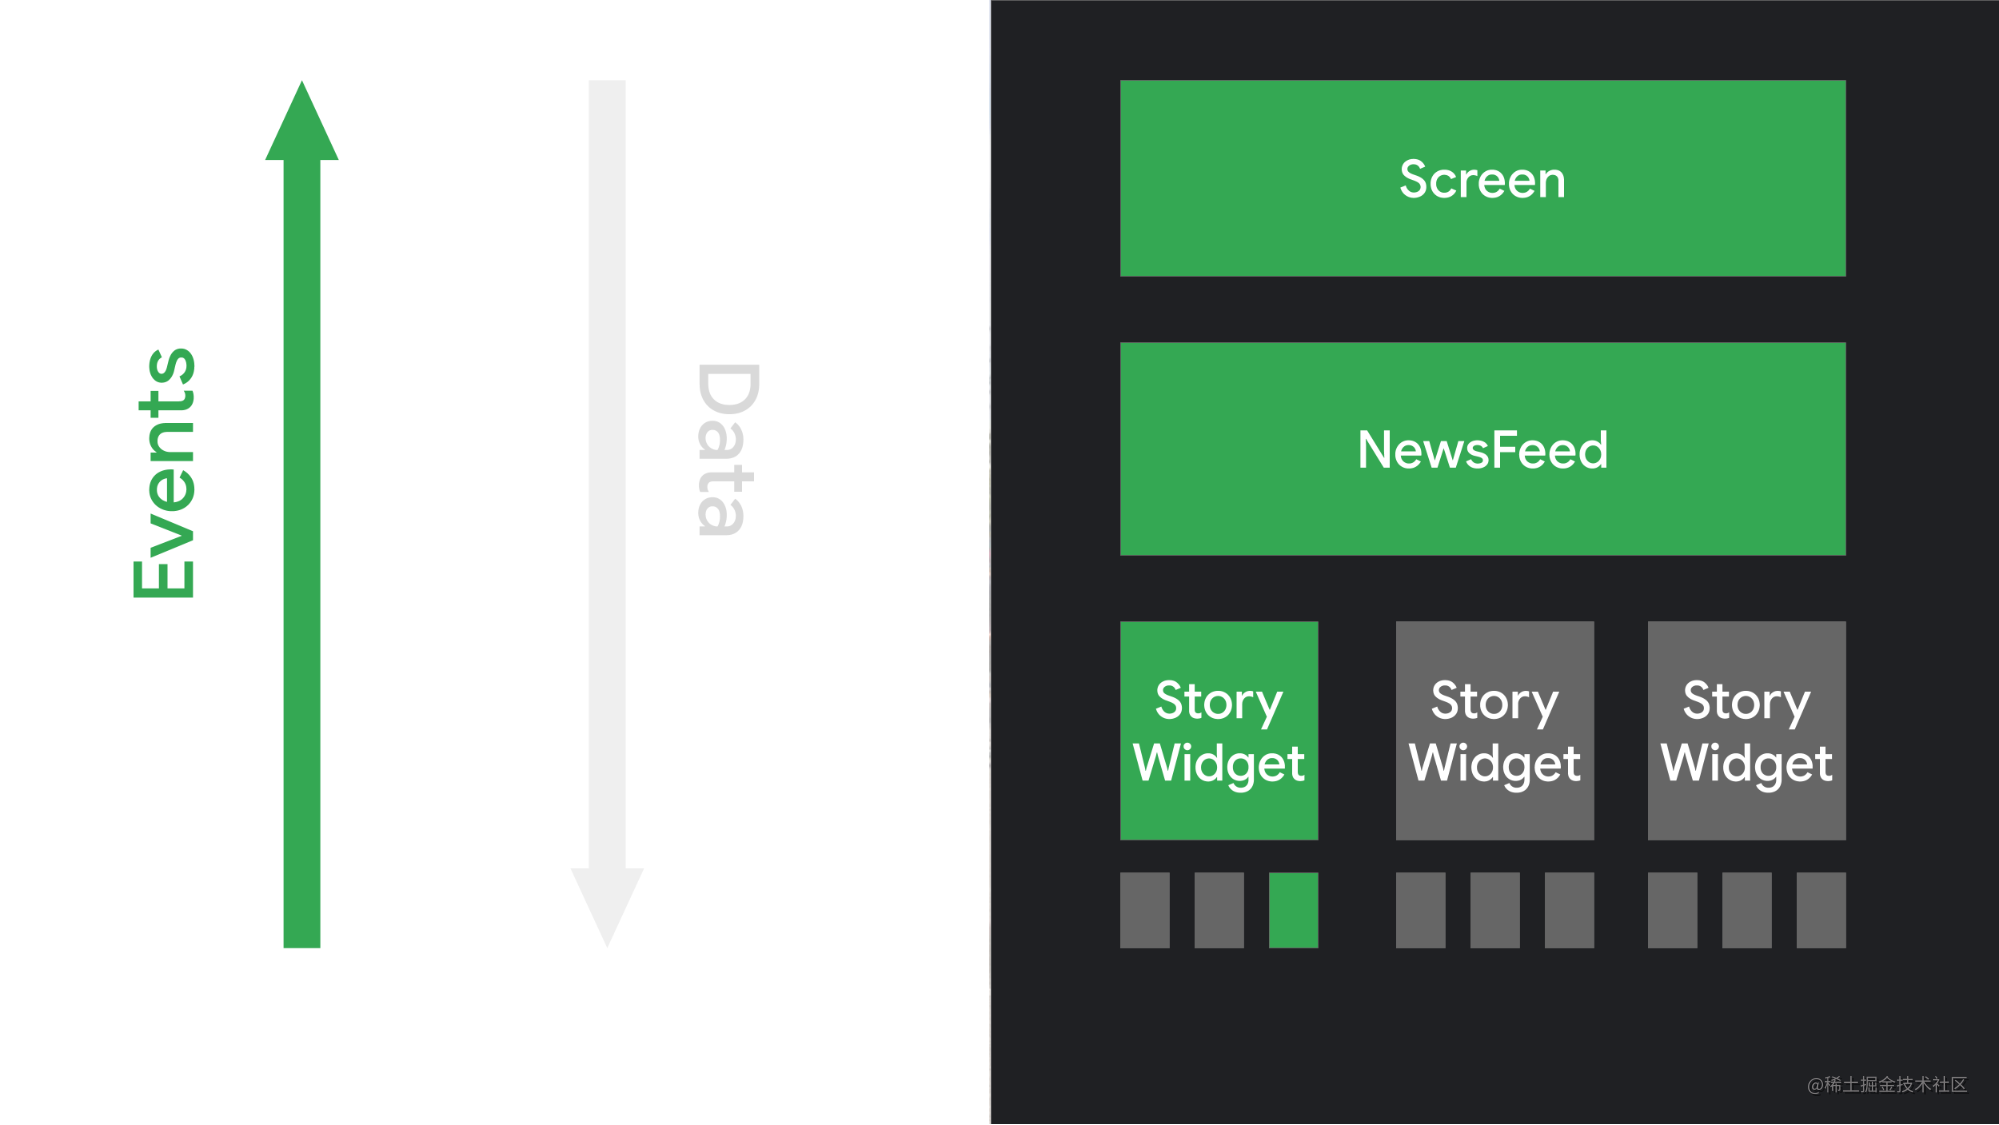 用户与界面元素进行了交互,导致触发一个事件.png